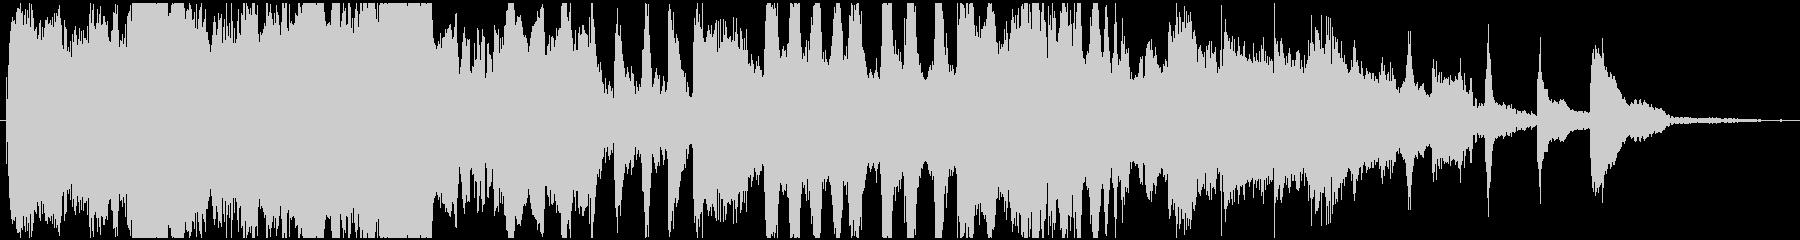 可愛らしいオーケストラワルツのジングルの未再生の波形